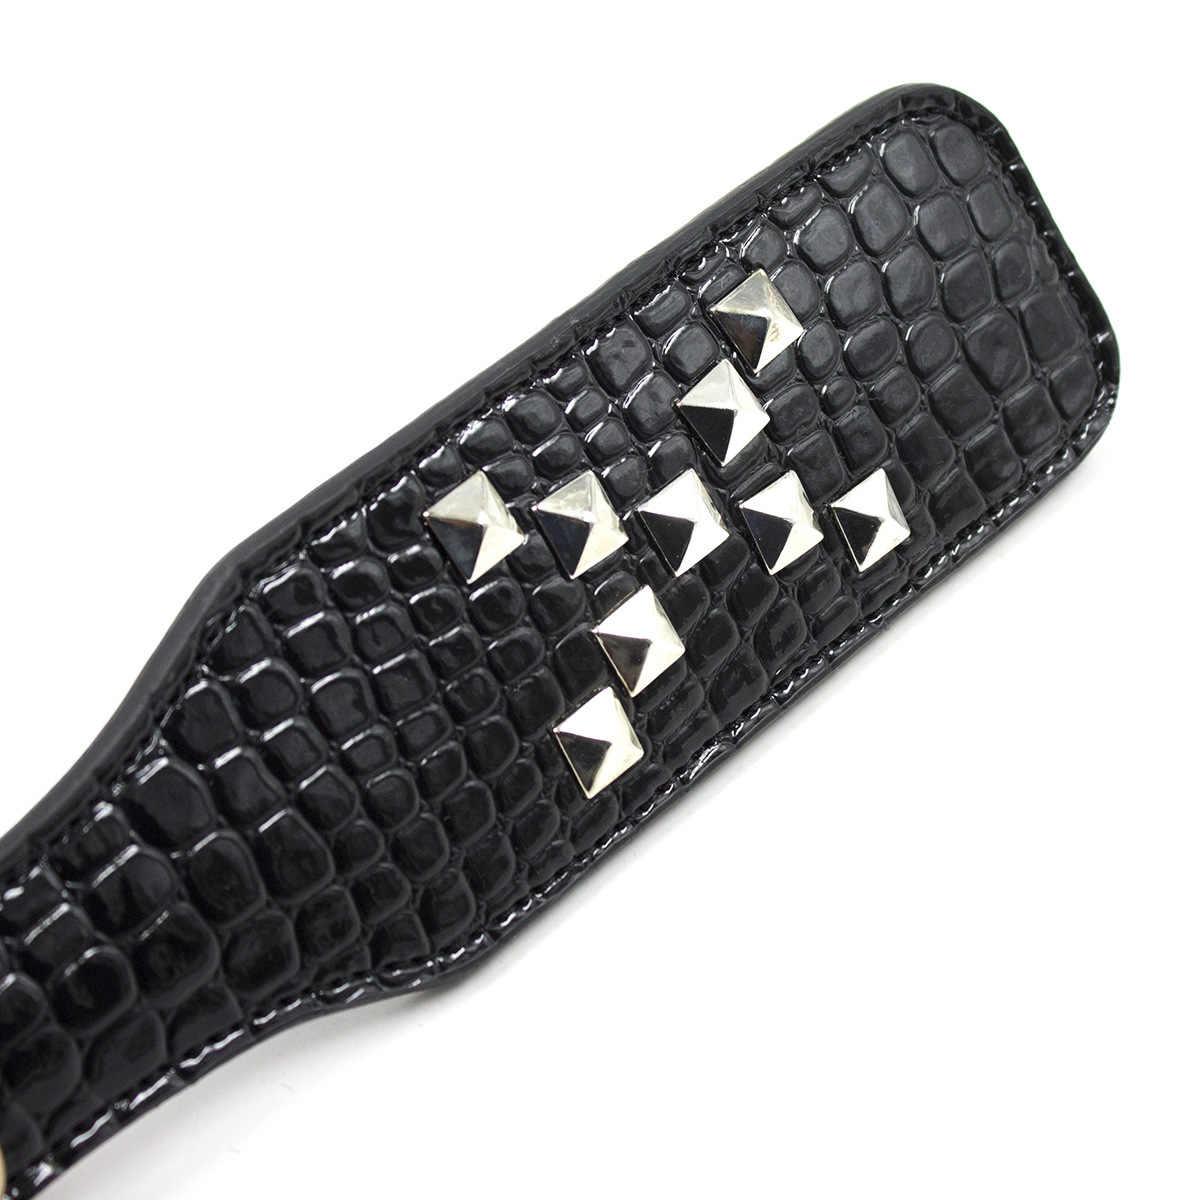 Schwarz Krokodil Leder Spanking Paddle mit Nieten zu Schlagen Unterwürfig Flirt Slave Verworrene Fetisch Bdsm Peitsche Folter Getriebe Sex Spielzeug